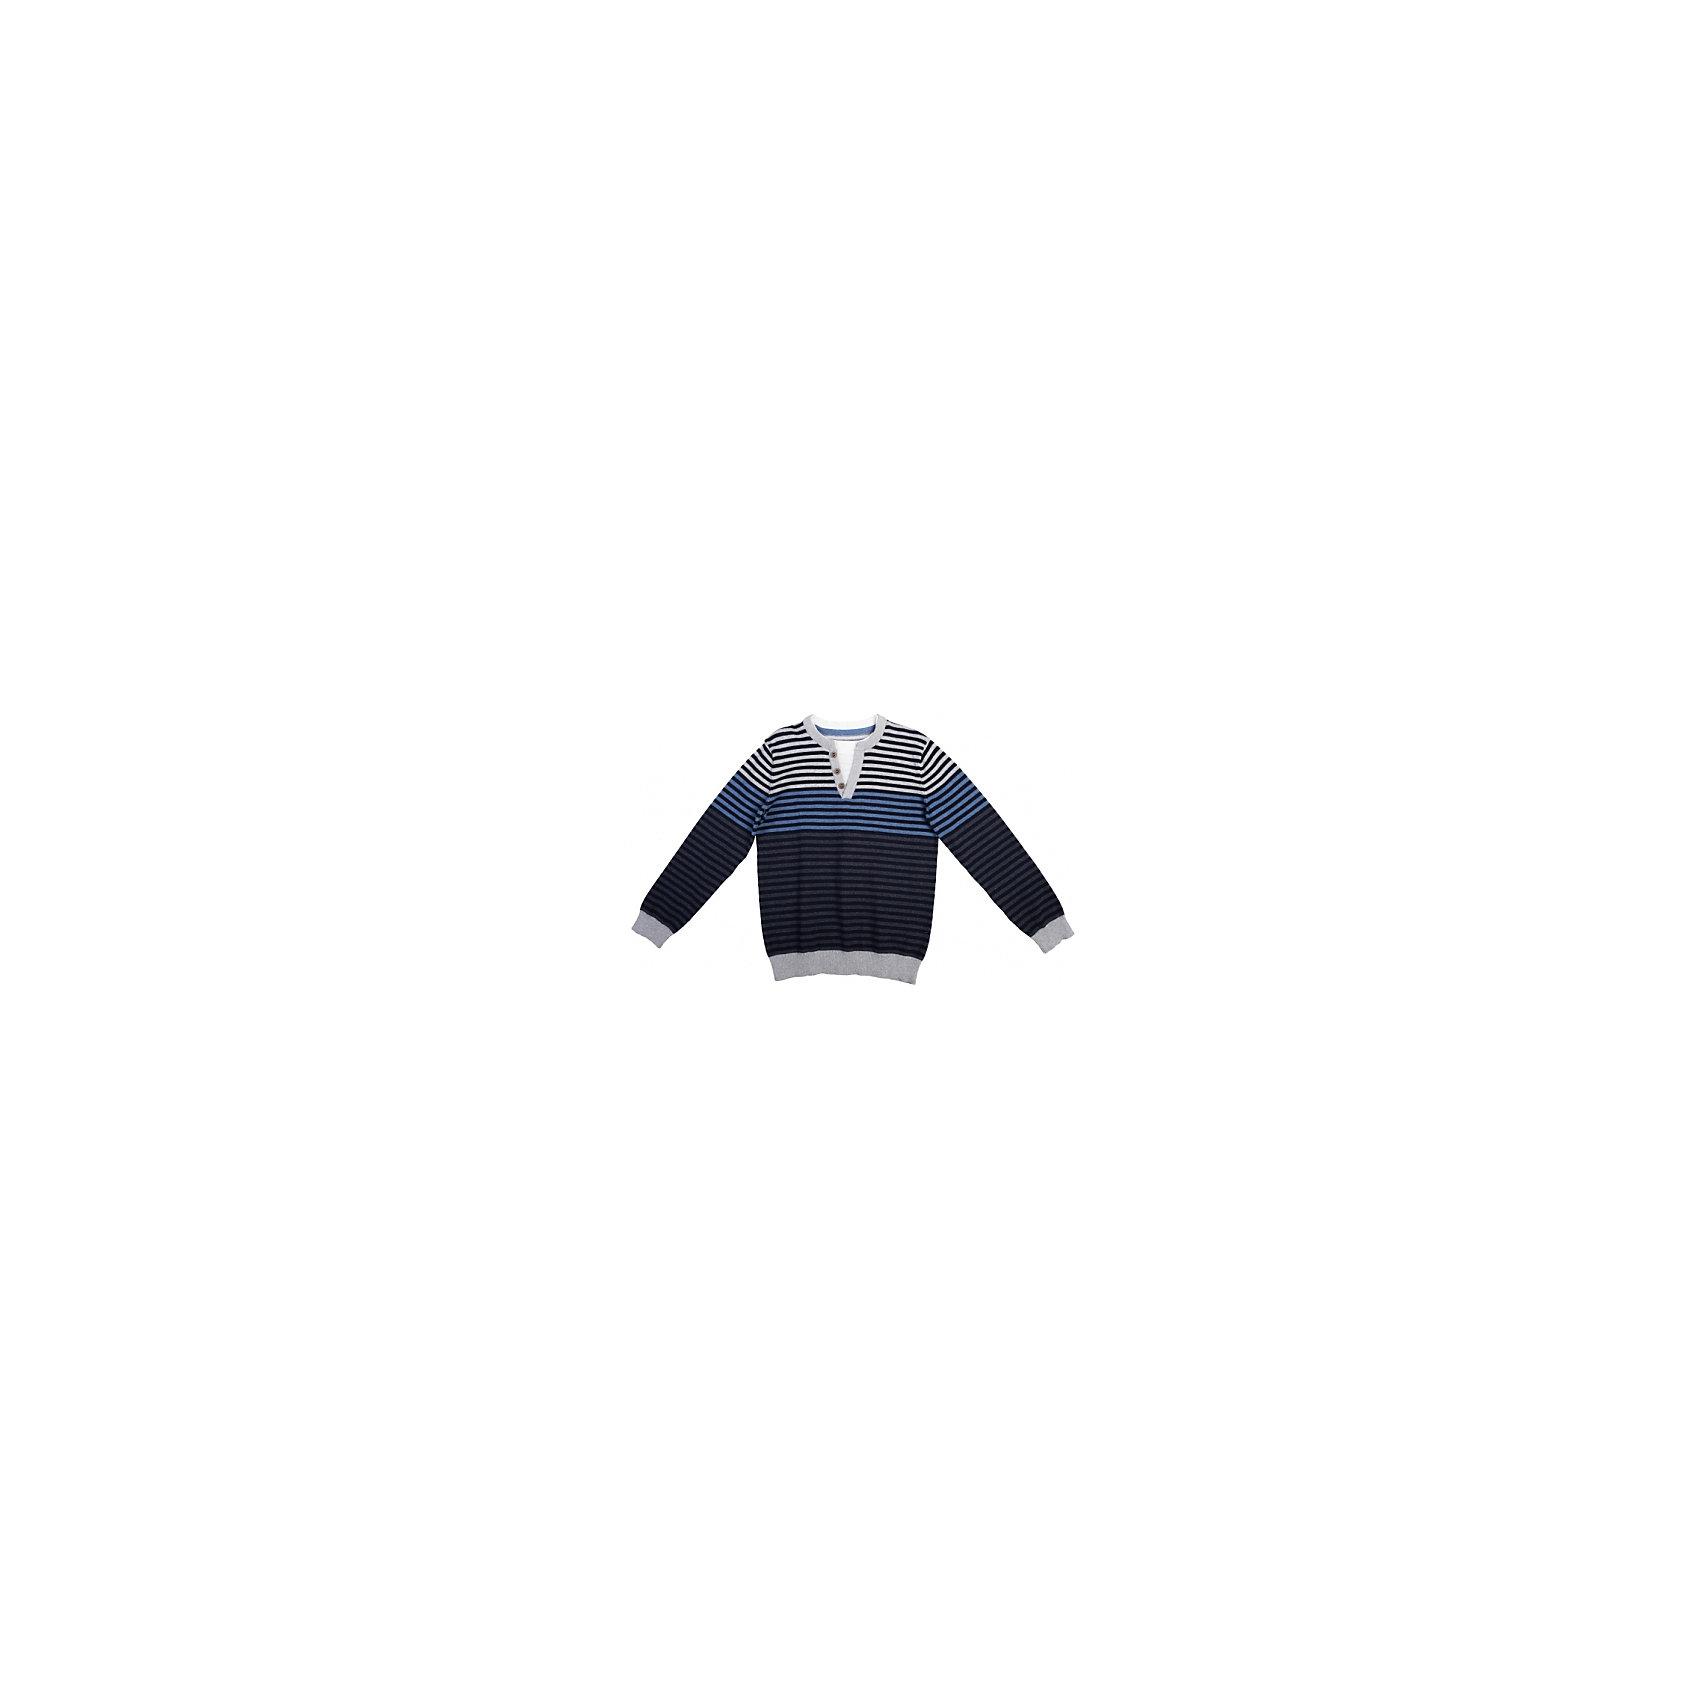 Джемпер для мальчика ScoolСвитера и кардиганы<br>Джемпер для мальчика из коллекции «Скорость» от известного бренда Scool. Стильный и удобный хлопковый джемпер на каждый день. Приятный переход цветов полосок и имитация футболки под застежкой придут по вкусу вашему чемпиону. Джемпер отлично подойдет как к брюкам, так и к джинсам.<br><br>Дополнительная информация:<br><br>- Рукав: длинный<br>- Силуэт: прямой<br>Состав: 80% хлопок, 18% нейлон, 2% эластан<br><br>Джемпер для мальчиков Scool можно купить в нашем интернет-магазине.<br><br>Подробнее:<br>• Для детей в возрасте: от 9 до 13 лет<br>• Номер товара: 4911402<br><br>Ширина мм: 190<br>Глубина мм: 74<br>Высота мм: 229<br>Вес г: 236<br>Цвет: разноцветный<br>Возраст от месяцев: 132<br>Возраст до месяцев: 144<br>Пол: Мужской<br>Возраст: Детский<br>Размер: 152,164,134,158,140,146<br>SKU: 4911408